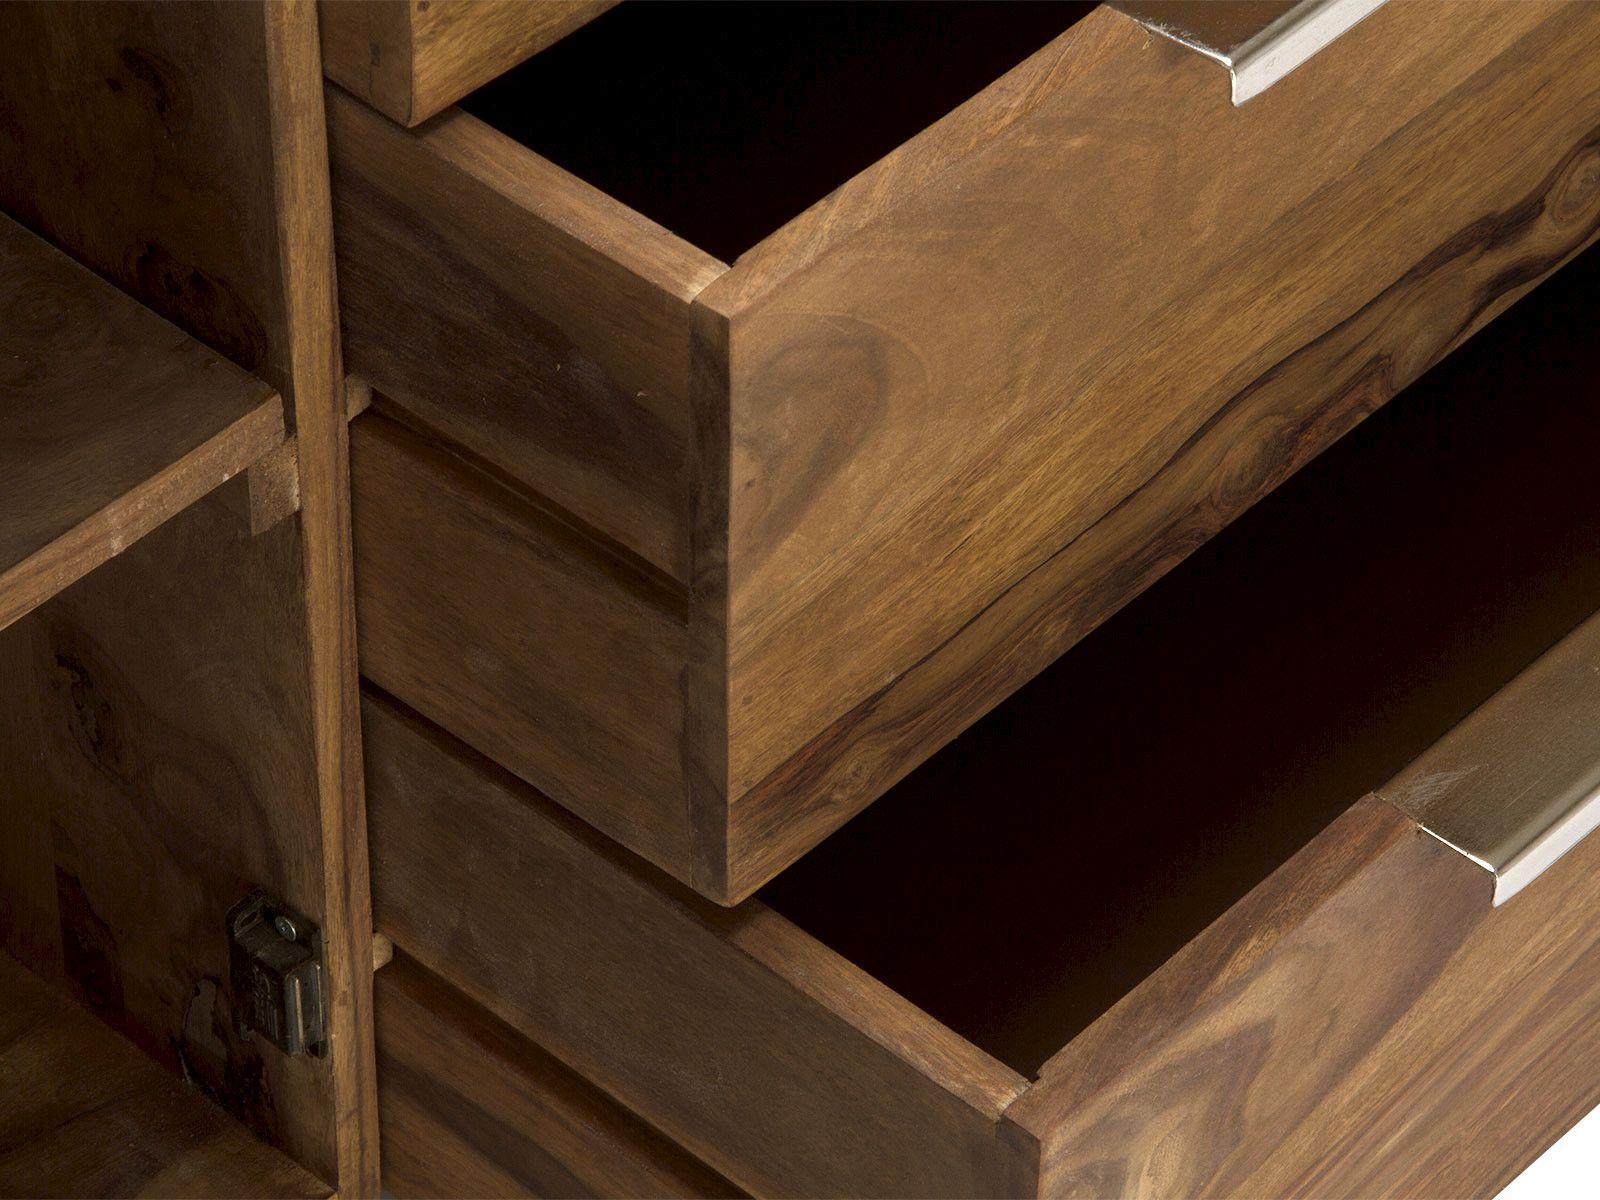 sideboard stark i sideboards von massivum. Black Bedroom Furniture Sets. Home Design Ideas